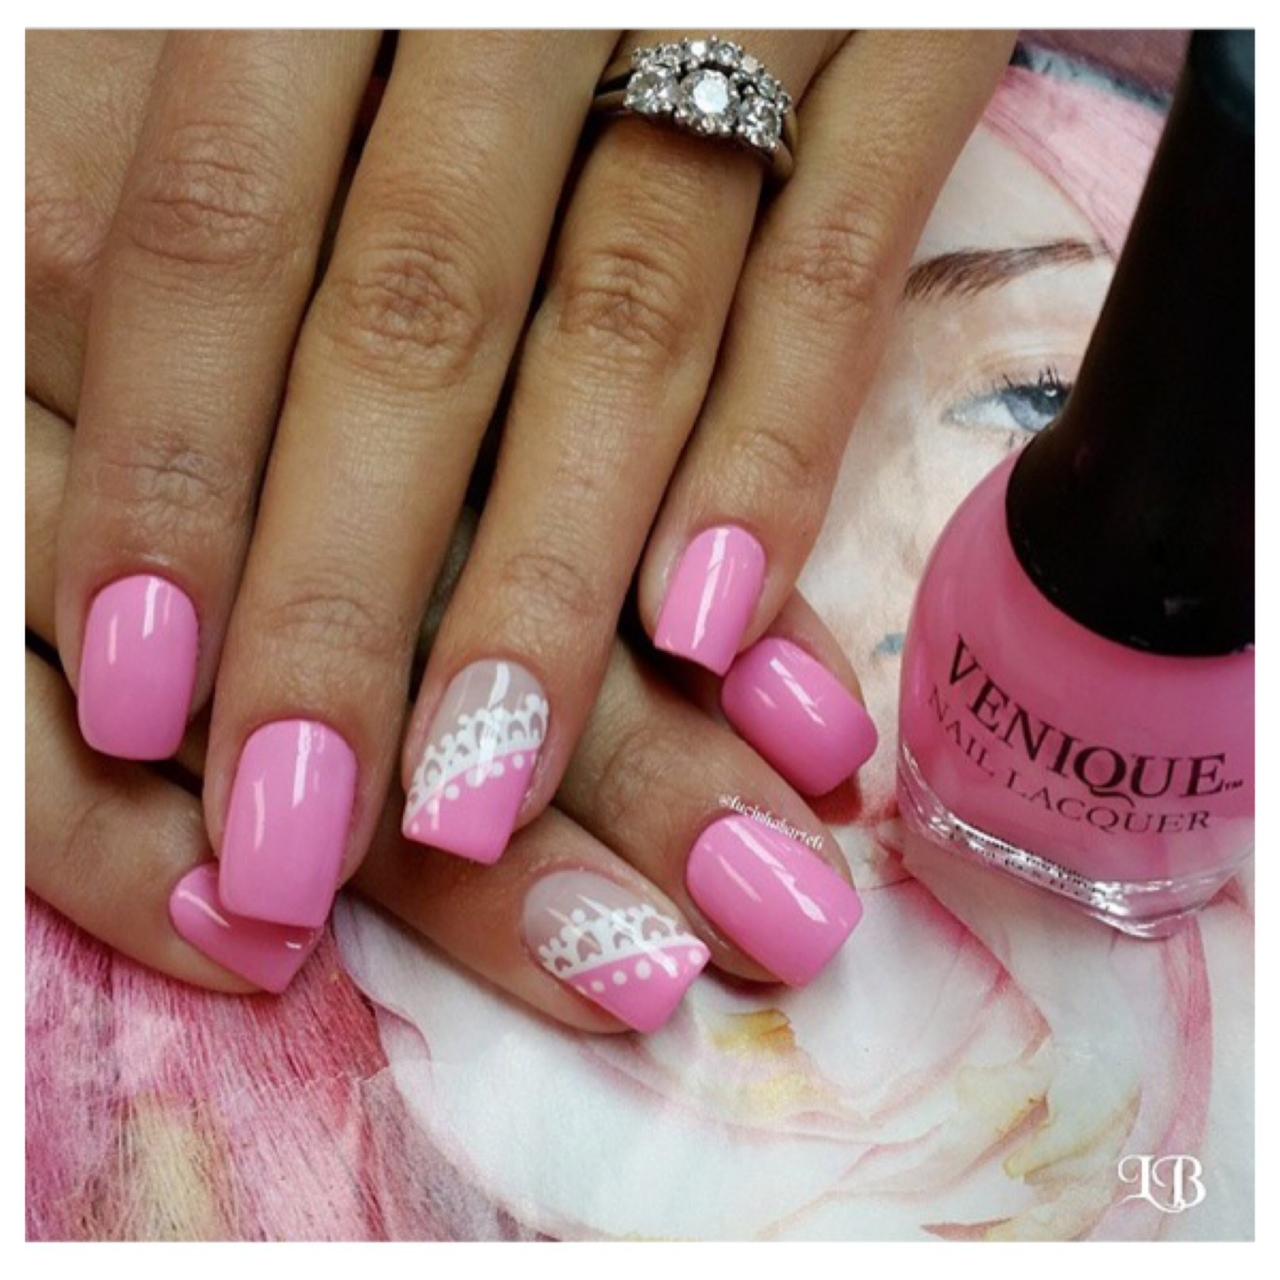 Beautiful manicure by @luchinabartelli Found on @VeniqueNails (photo credit: @luchinabartelli via Venique Nails) @luchinabartelli via Venique Nails